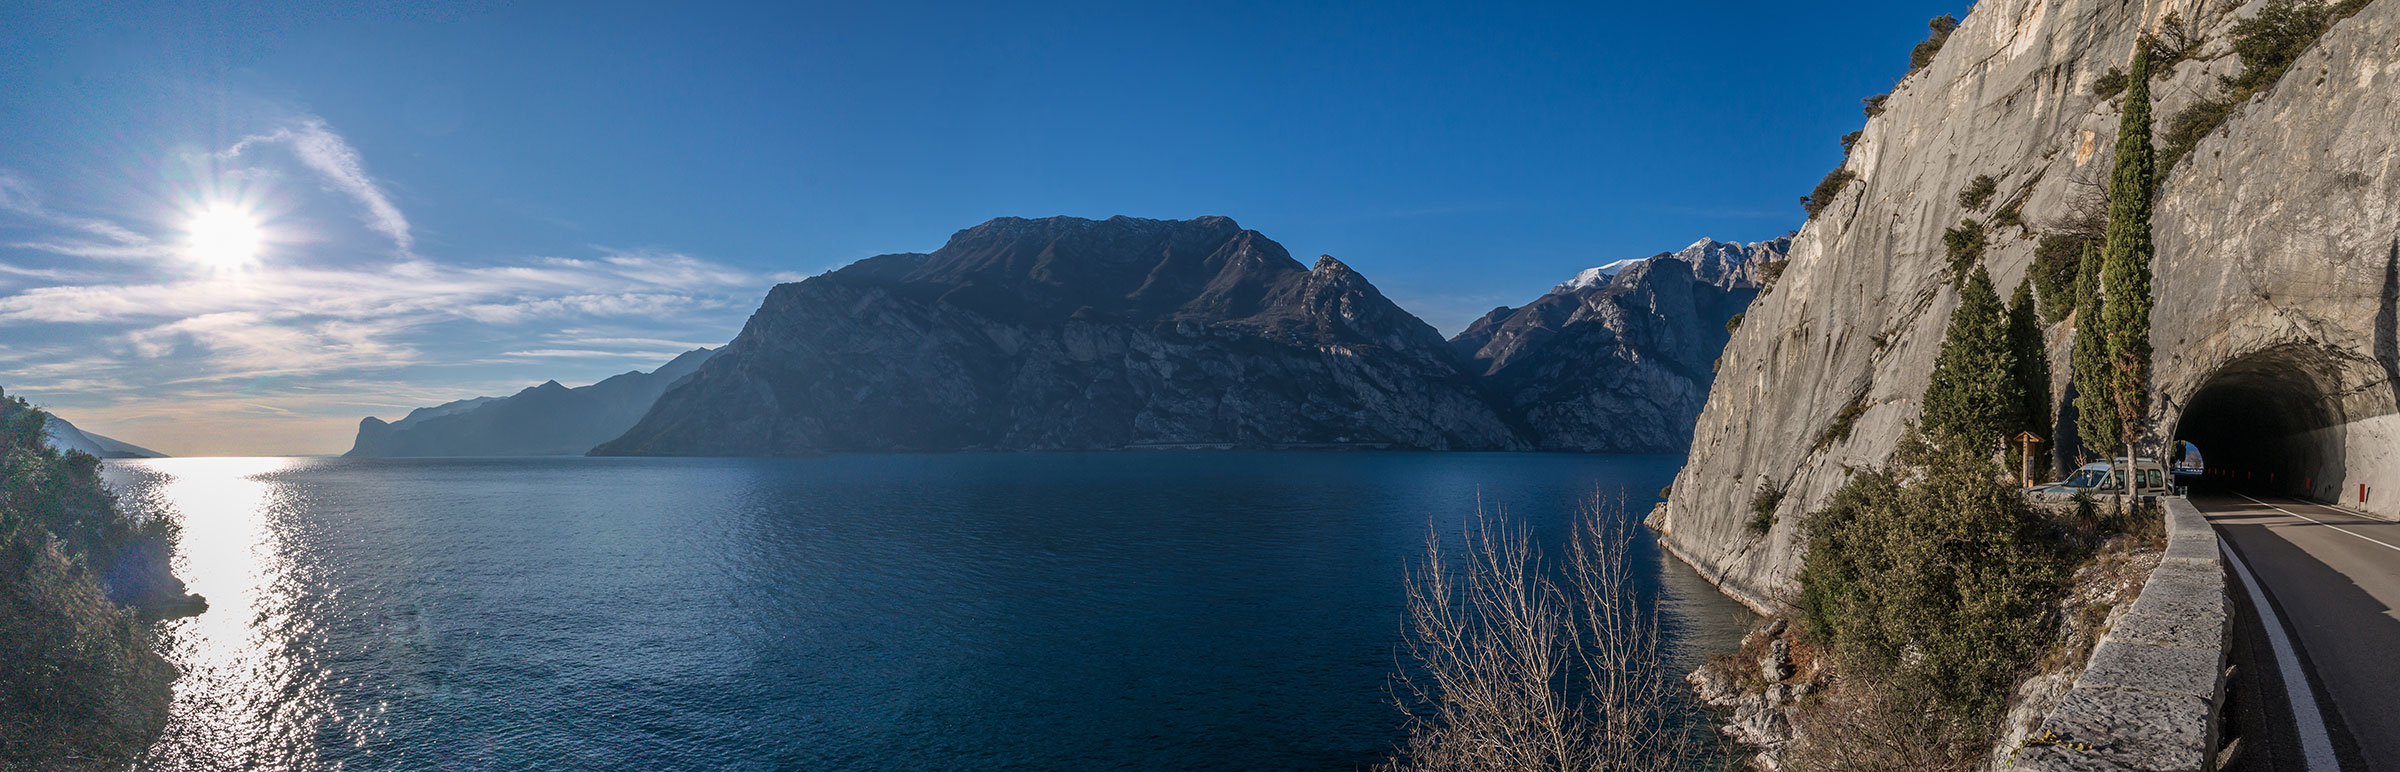 Felsen von Torbole am Gardasee,